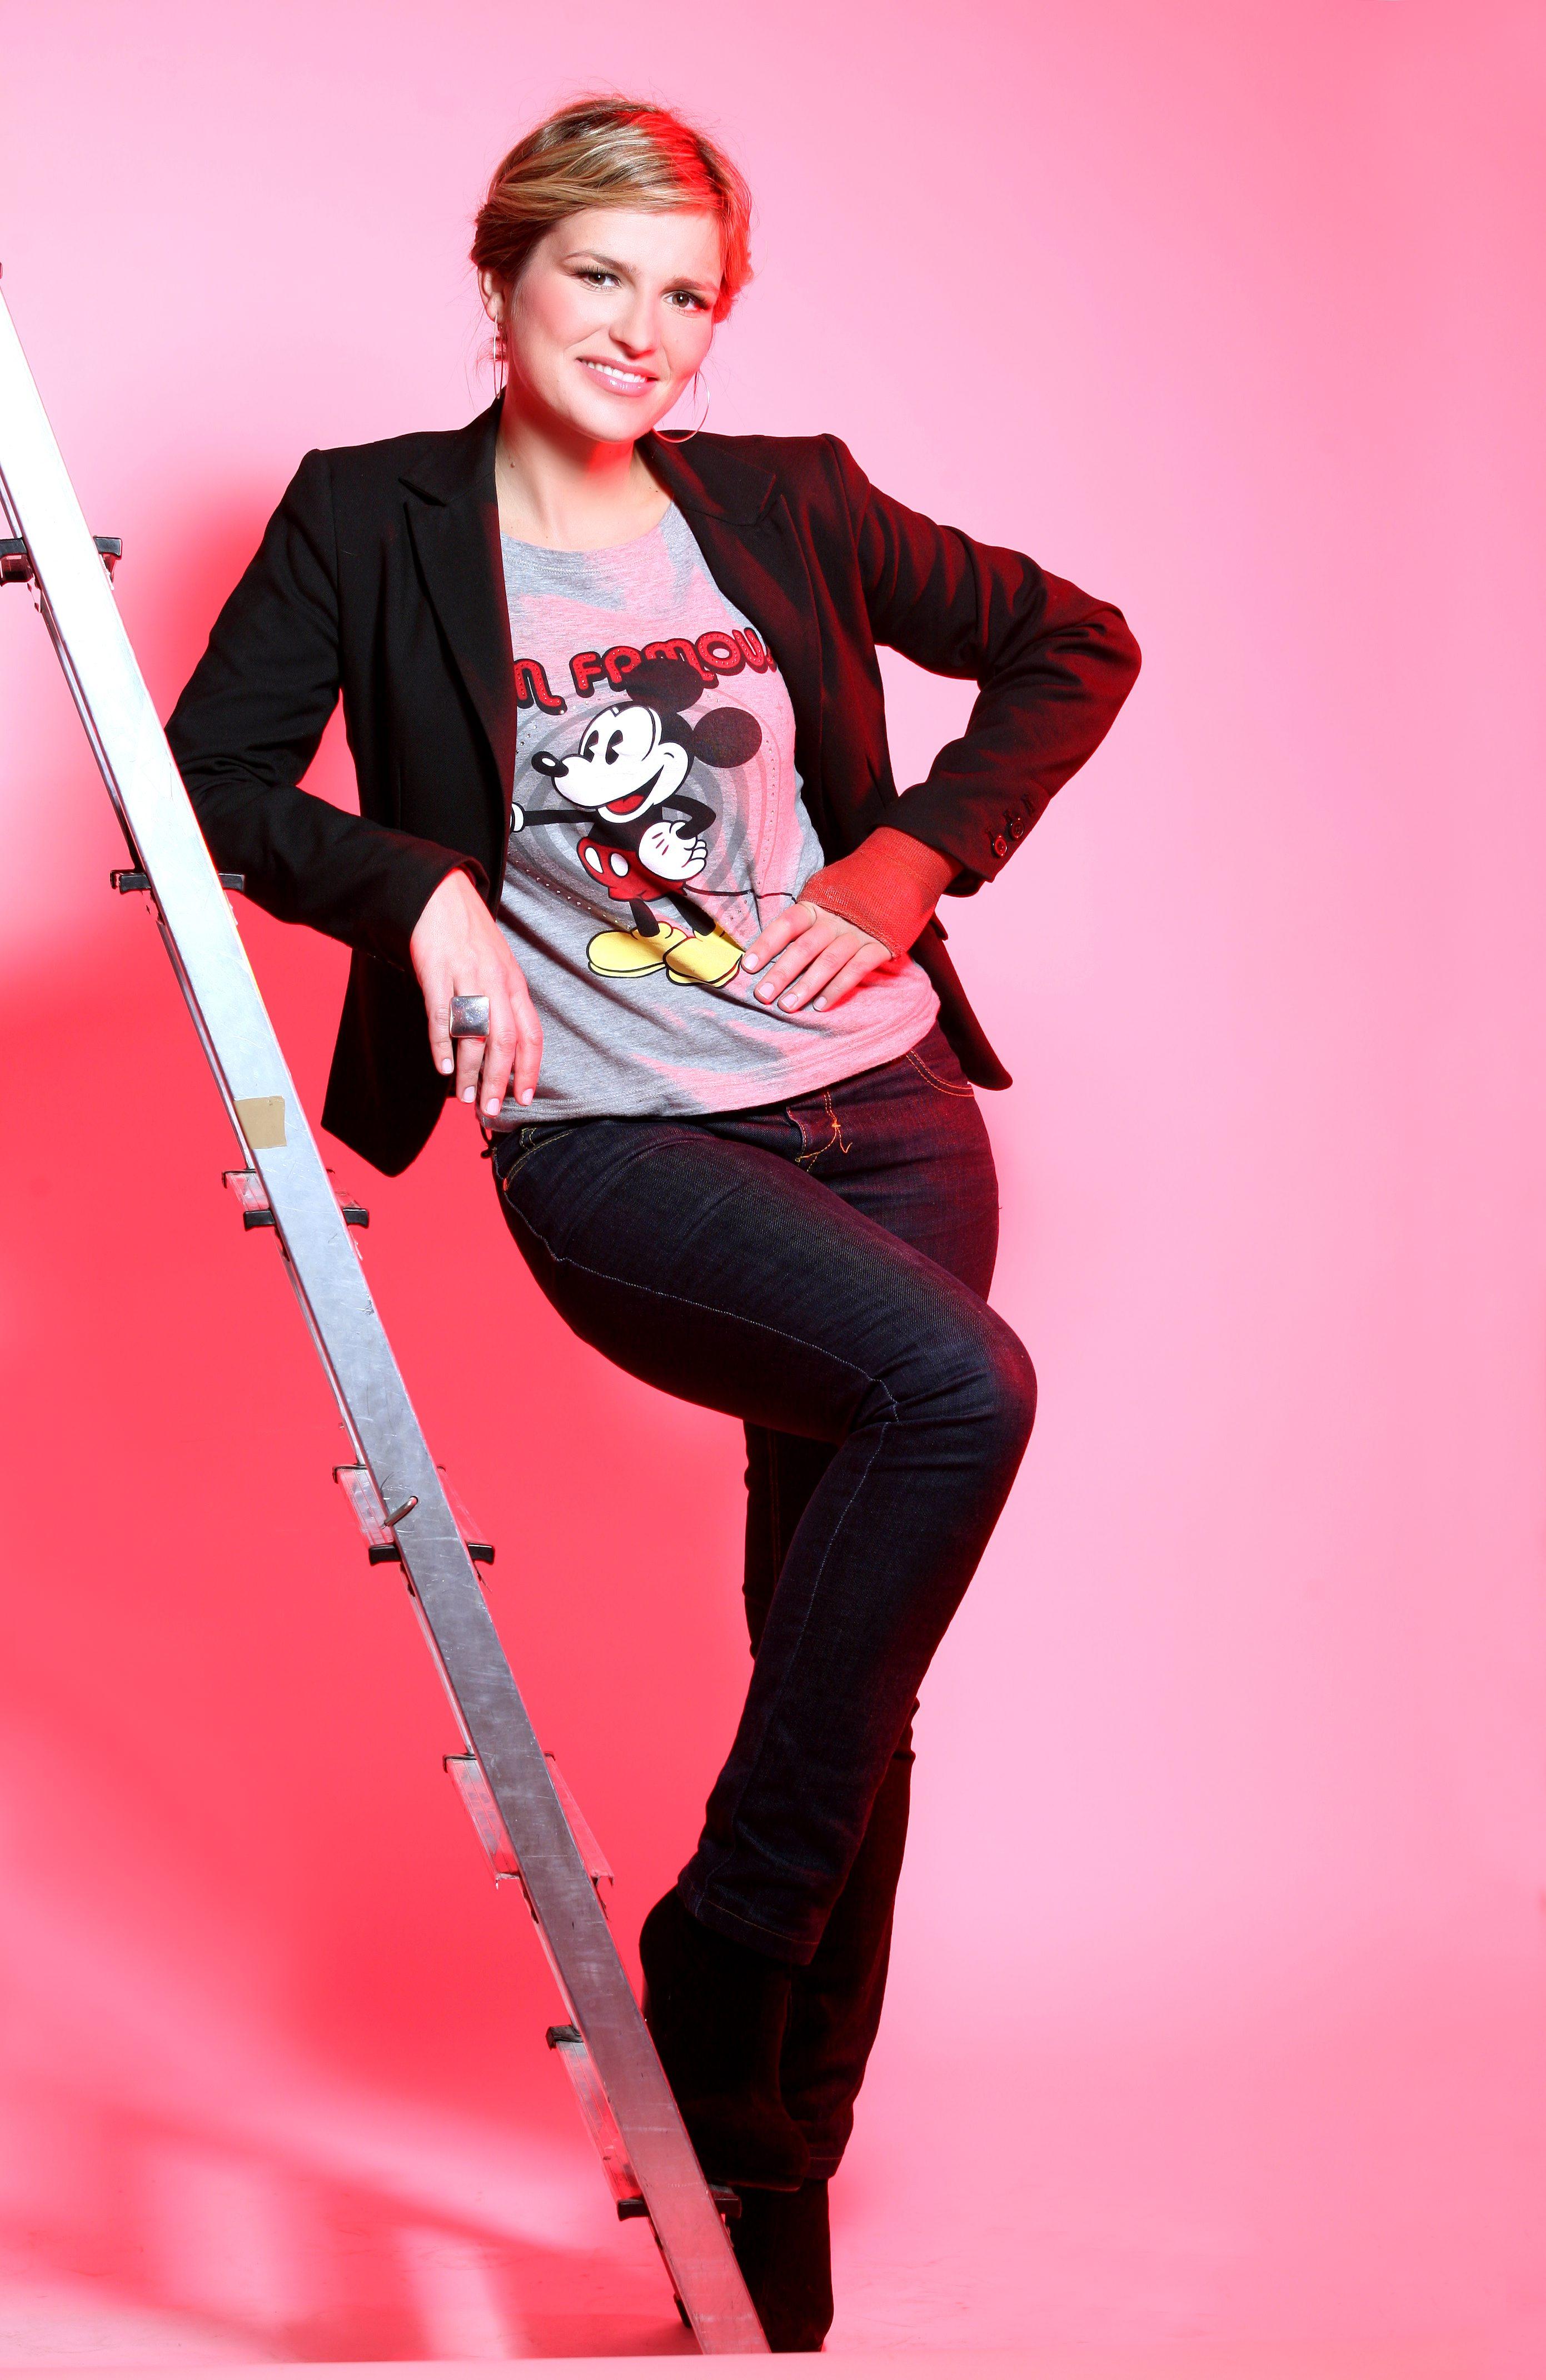 Zagreb, 270209. Antonija Blace, RTL-ova voditeljica. Studio EPH. Foto: Biljana Gaurina / CROPIX